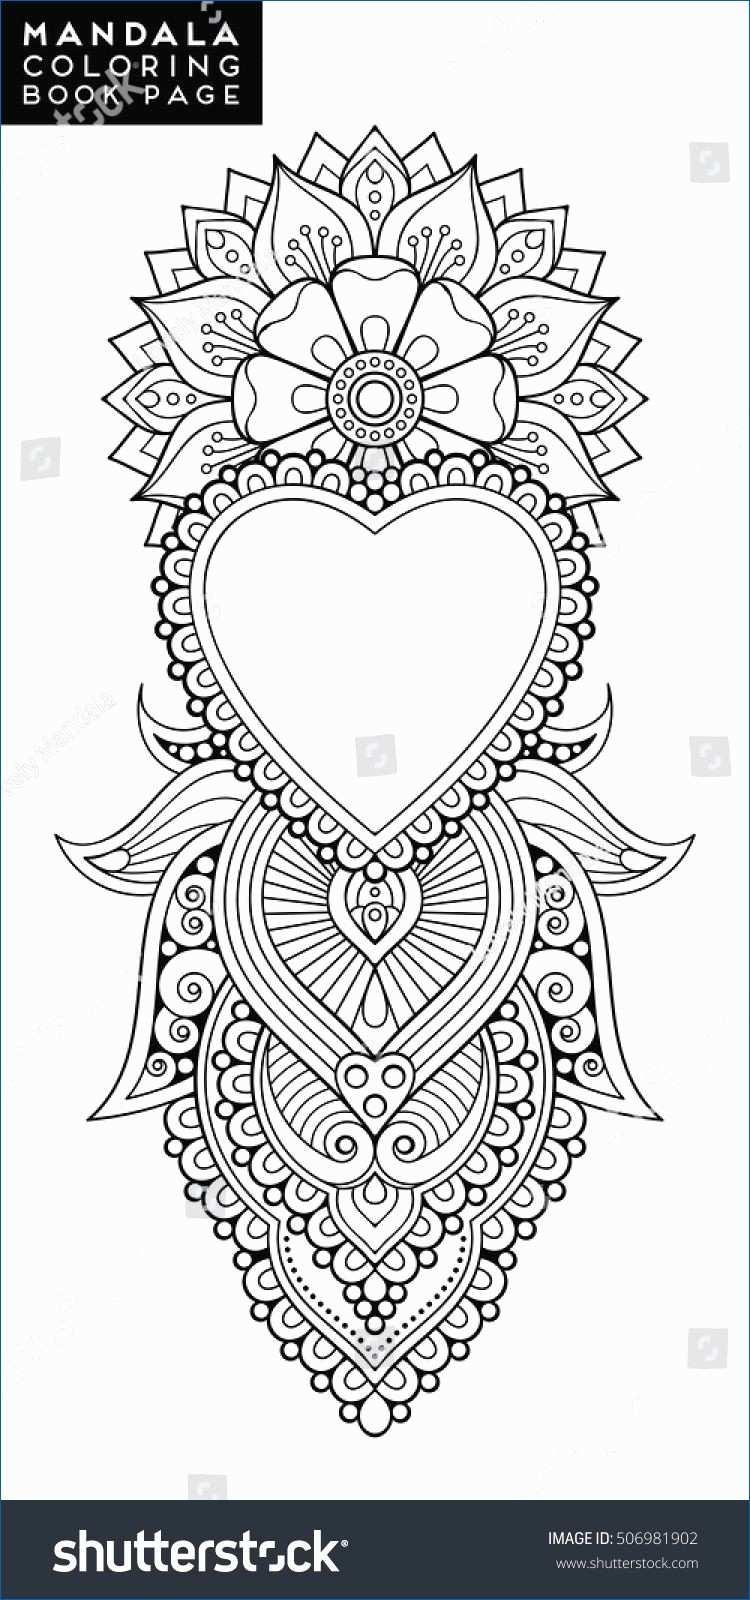 Ausmalbilder Weihnachten Mandala Neu islamic Coloring Pages Fabulous Ausmalbilder Weihnachten Schneemann Stock